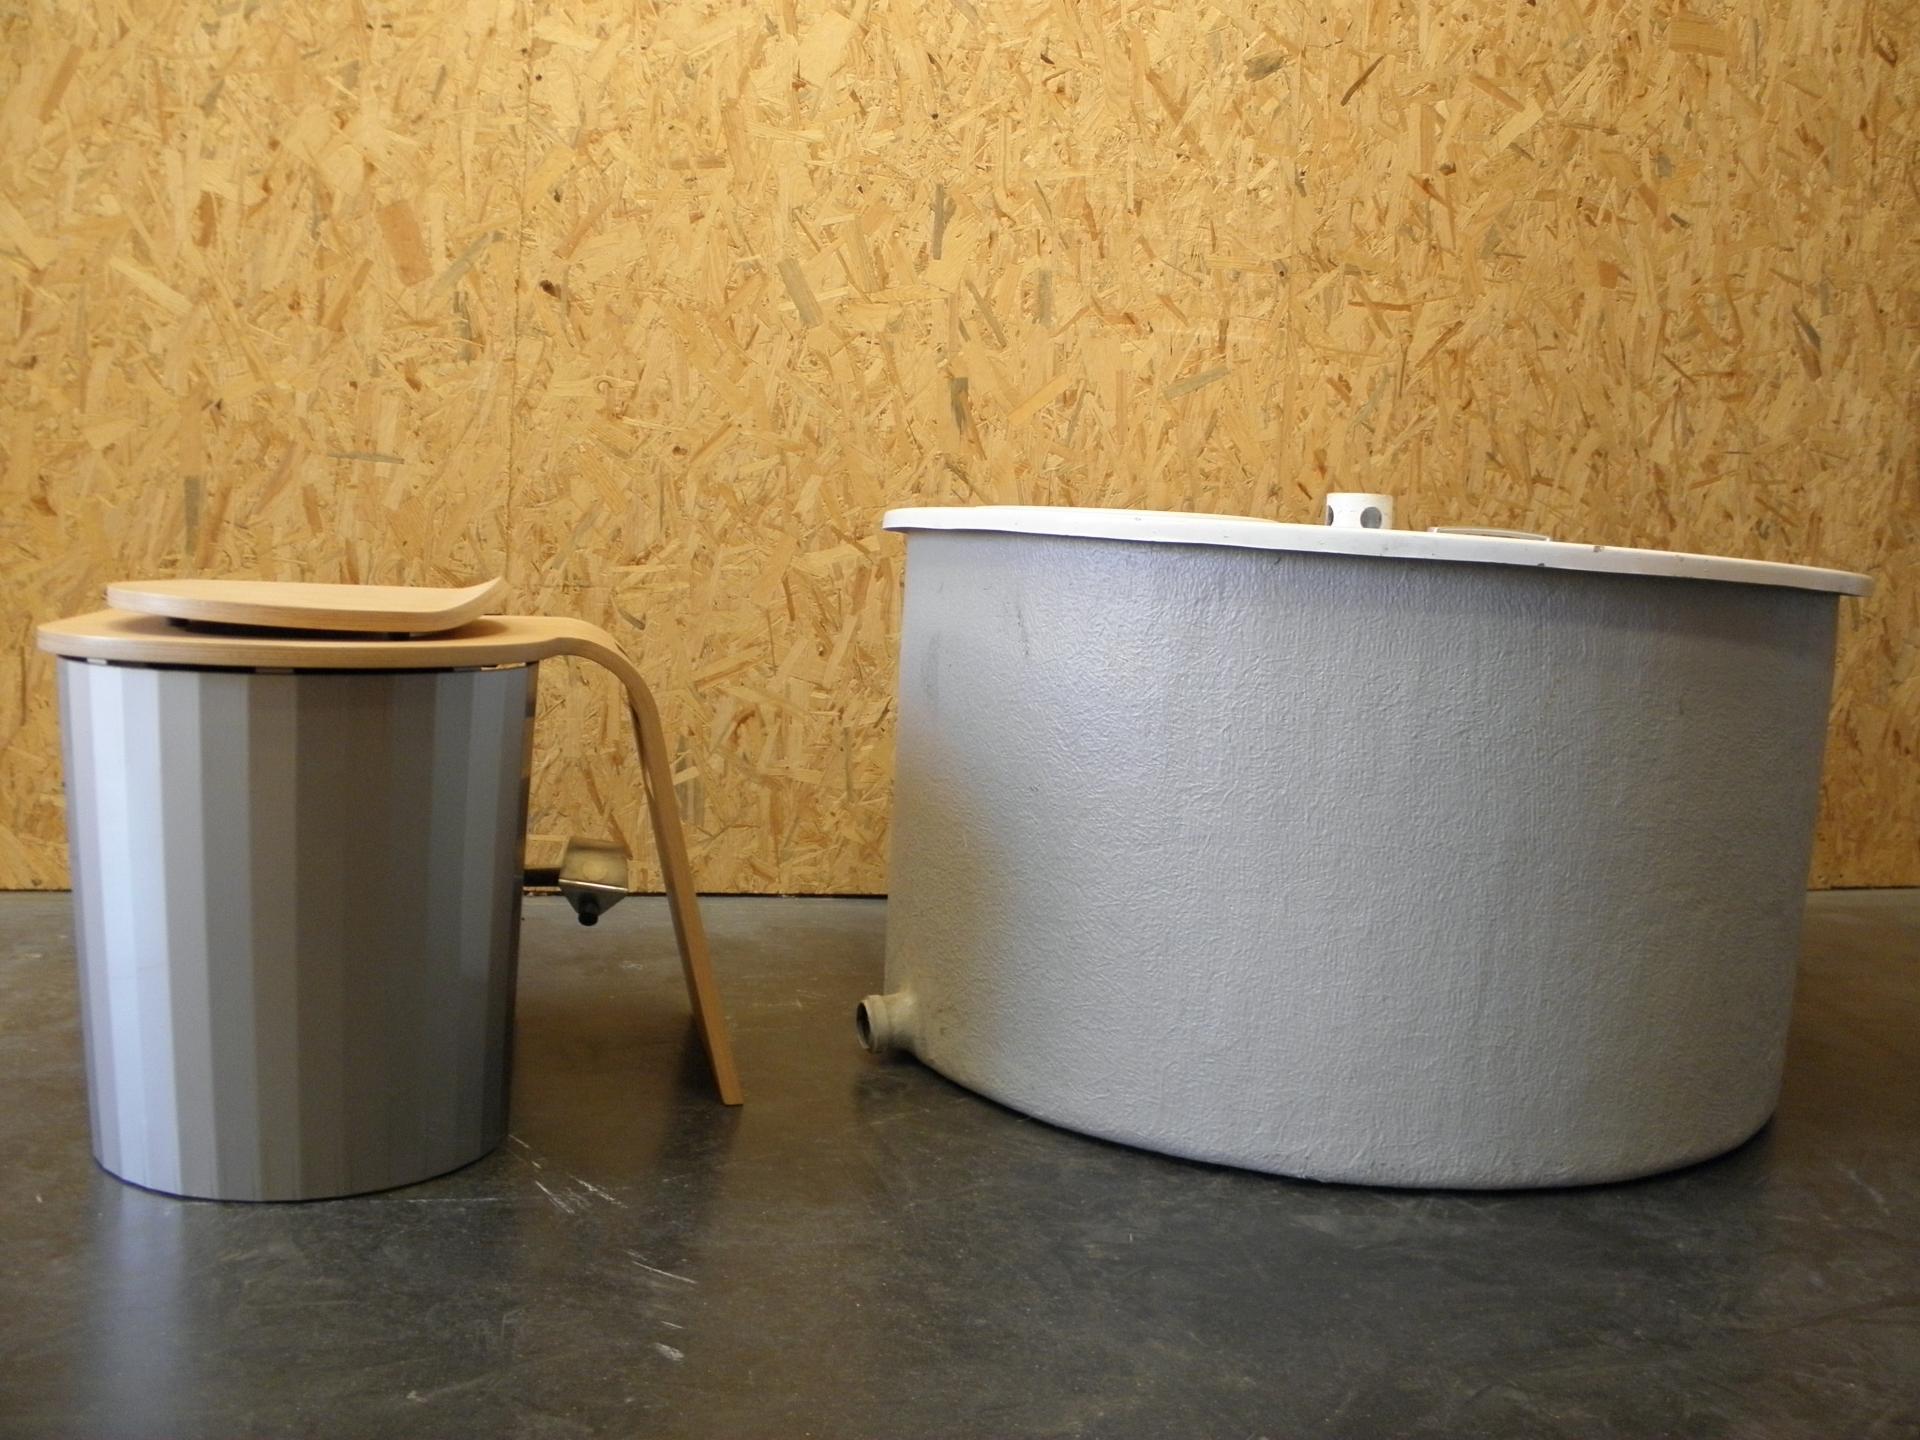 Composteur pour les toilettes sèches en général